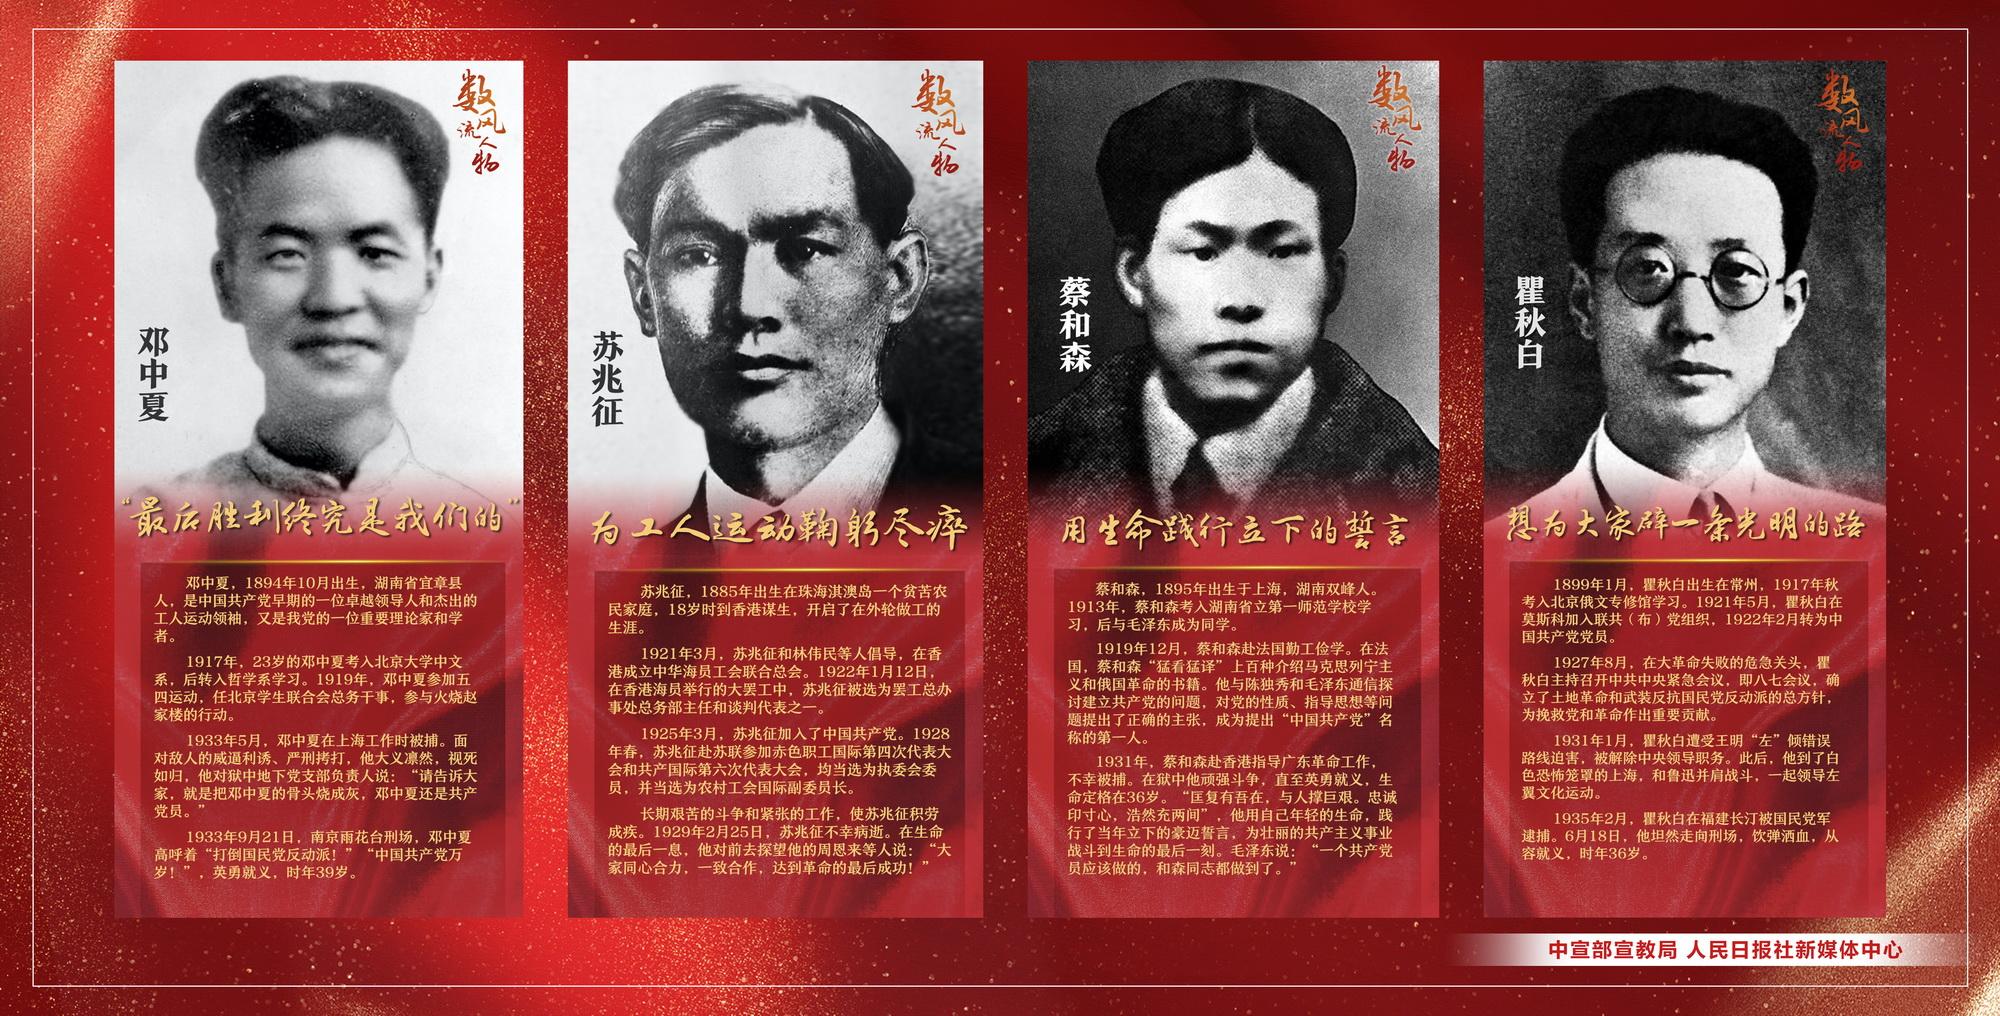 宣传海报 9-12_调整大小.jpg